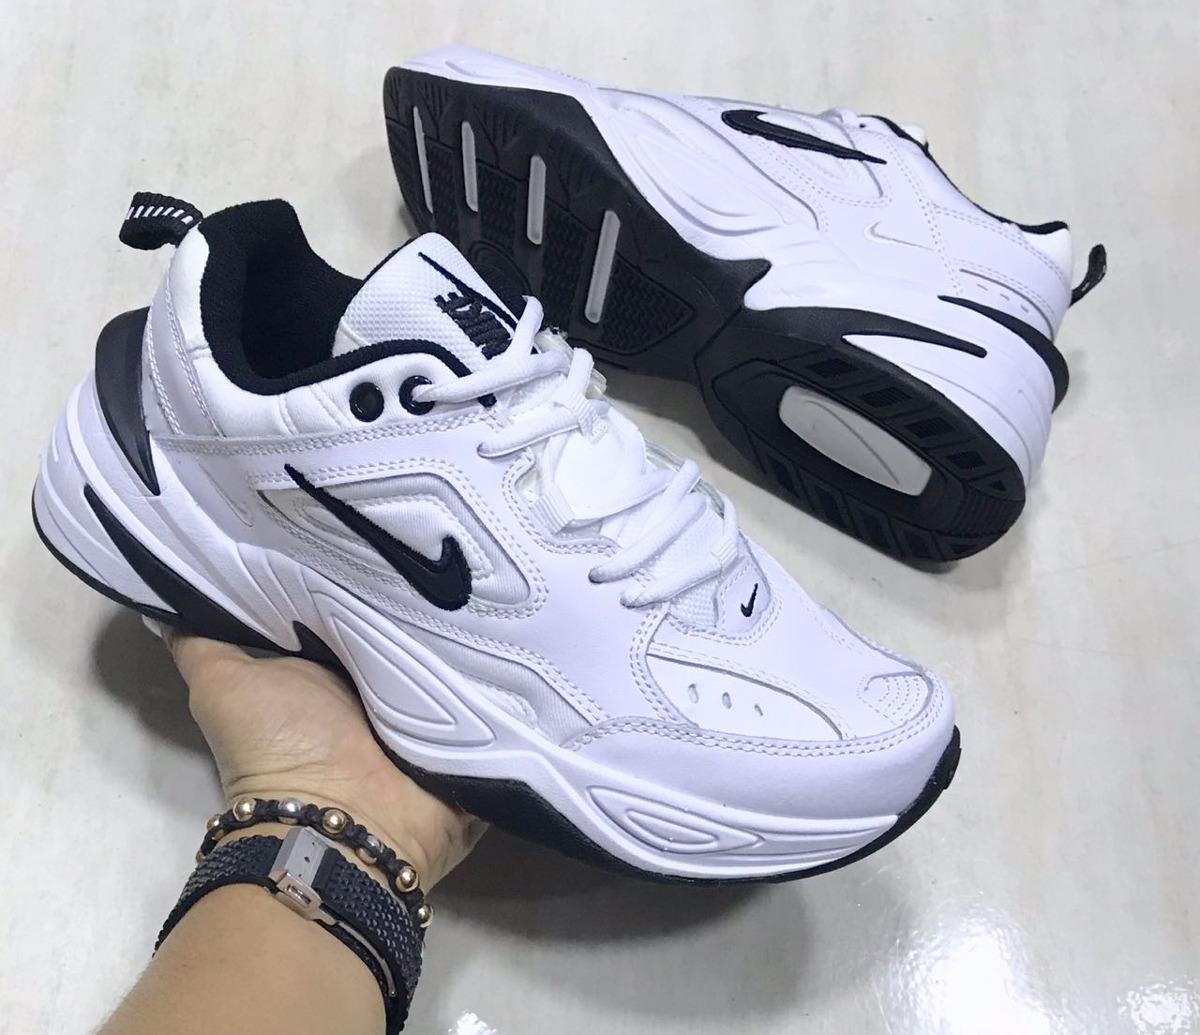 Zapatillas Nike Para Caballero M2k Tekno -   170.000 en Mercado Libre 693f95c2ca7